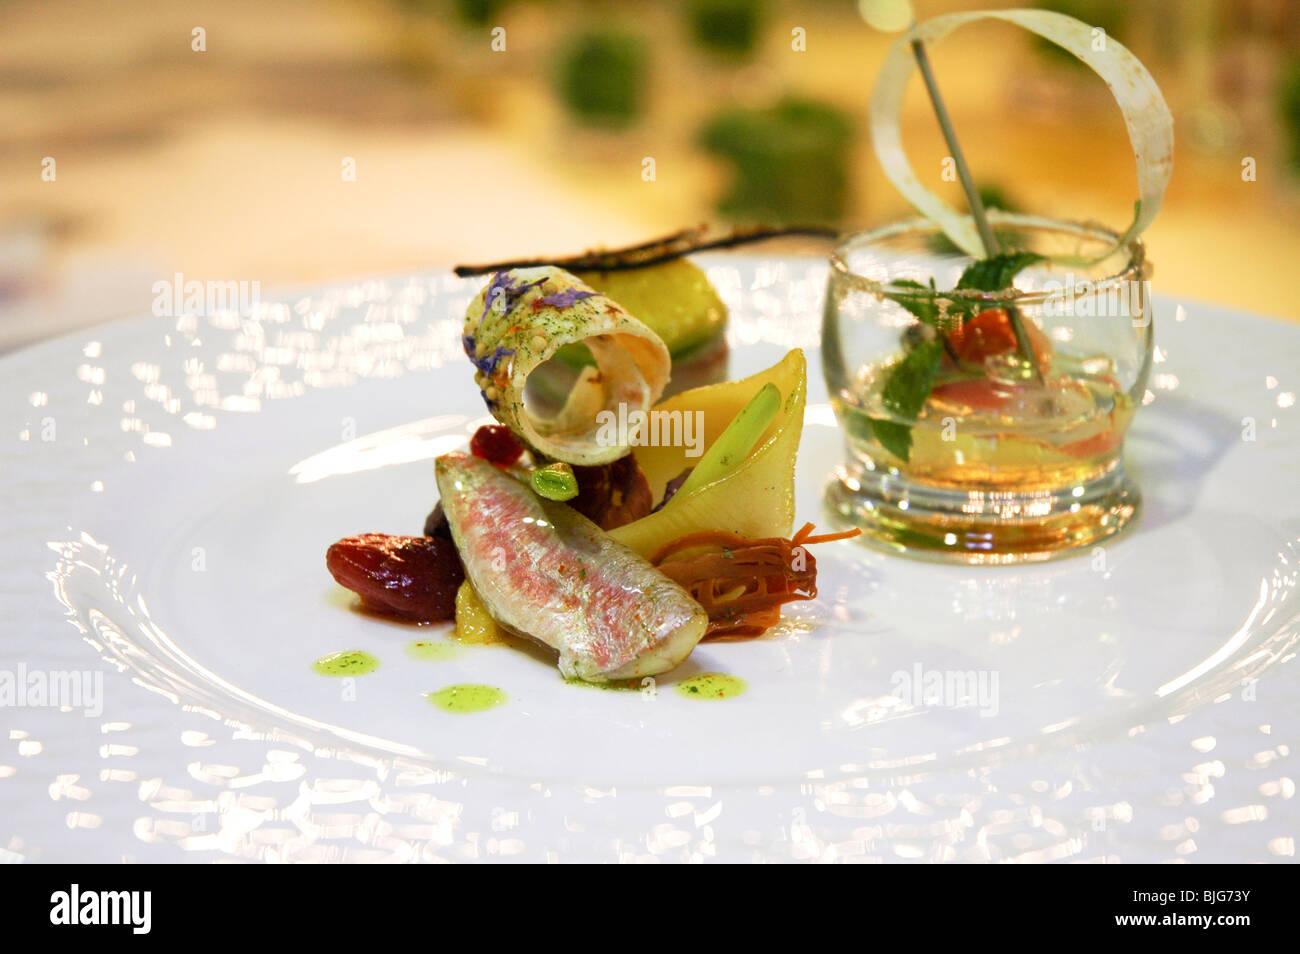 Cucina italiana, filetto di pesce serviti in un piatto decorato per ...